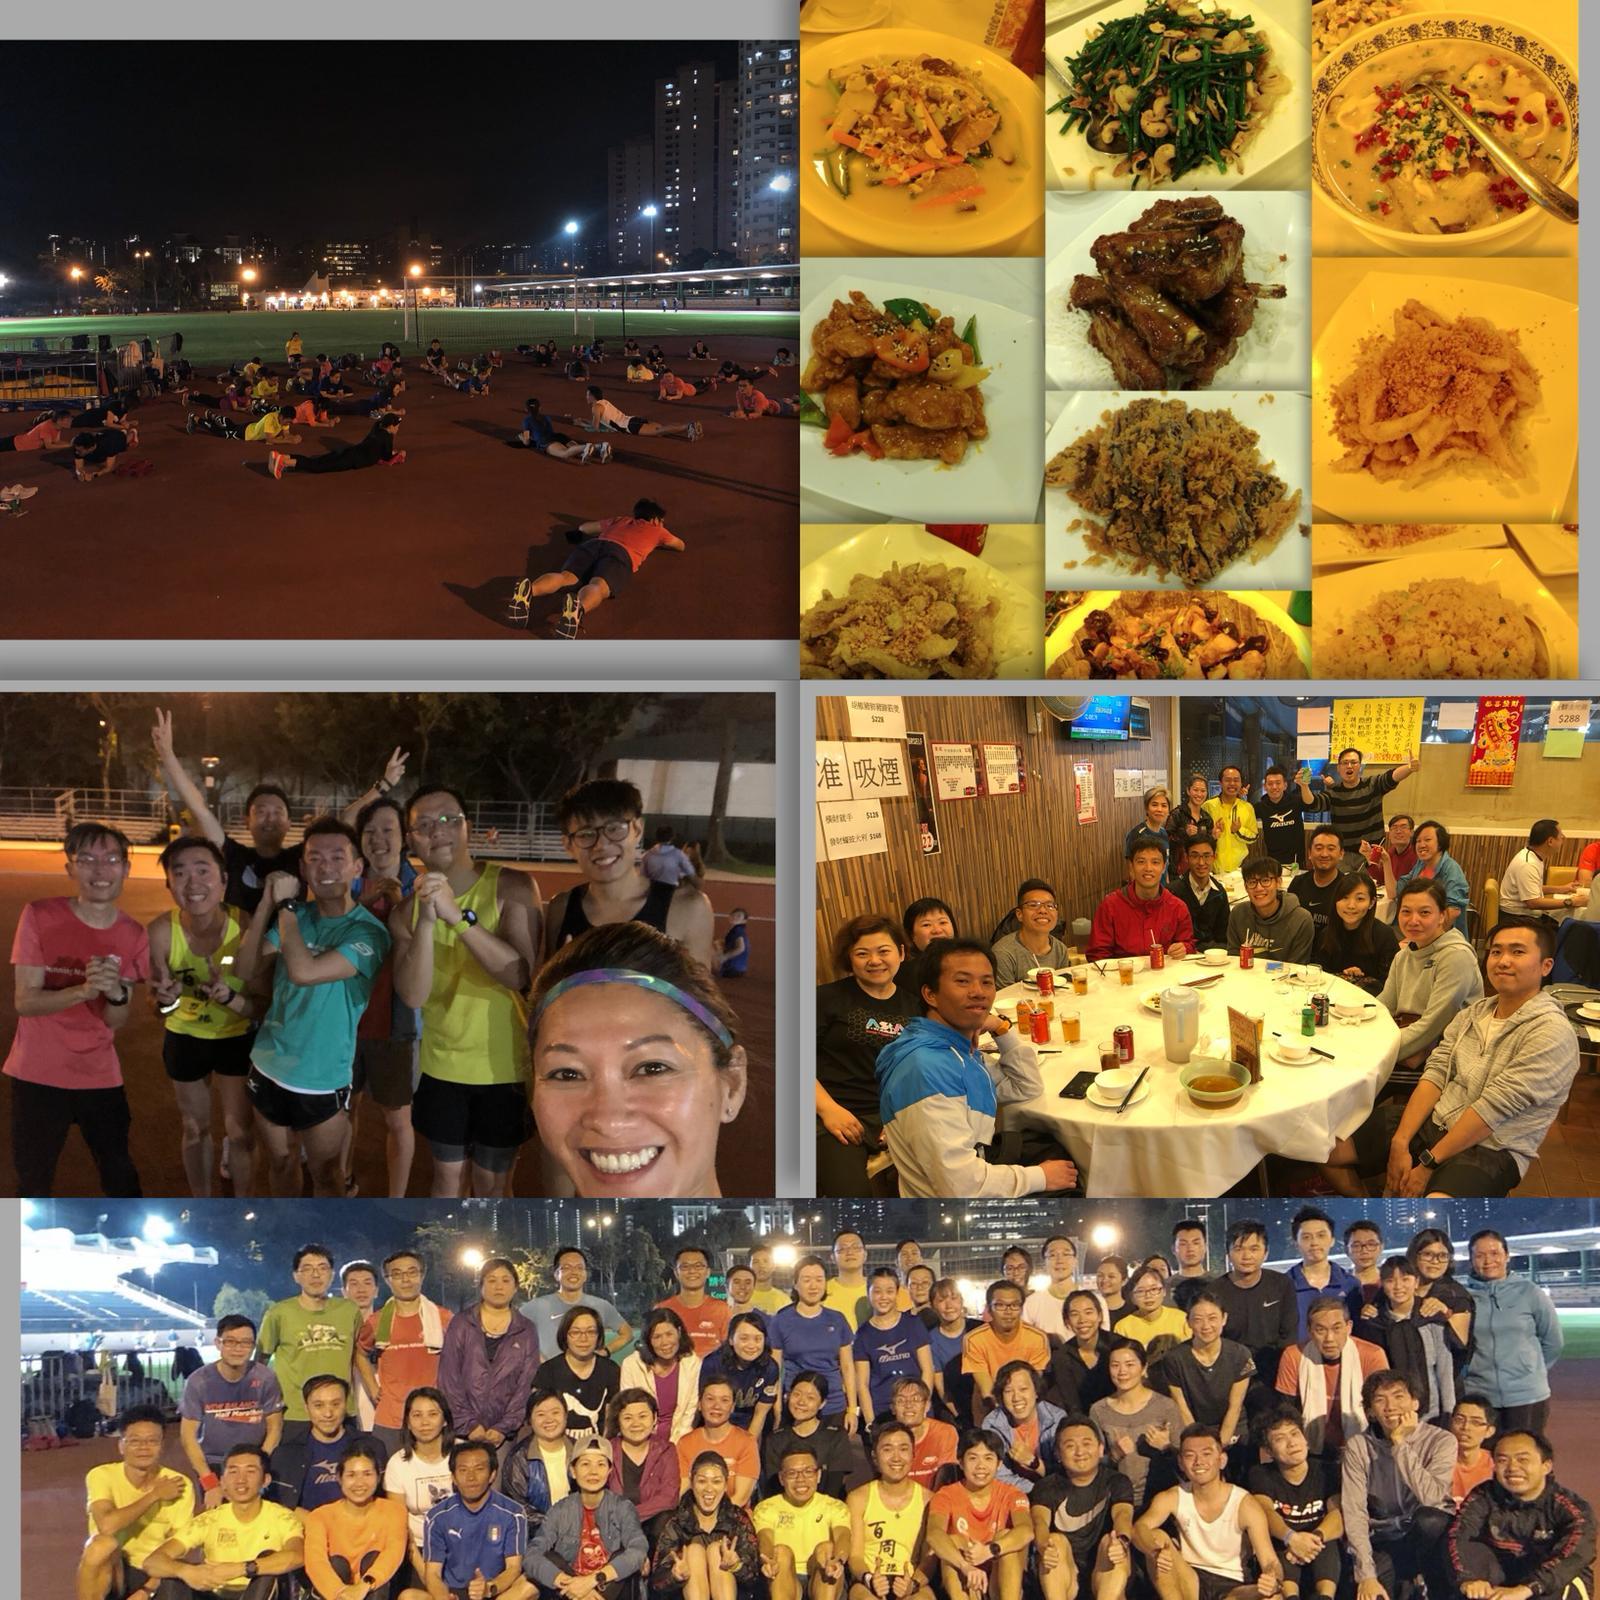 屯門班 開年及開班 飯局 - 2月27日屯門班 開年及開班 飯局,大家勤勤力力有飯食。